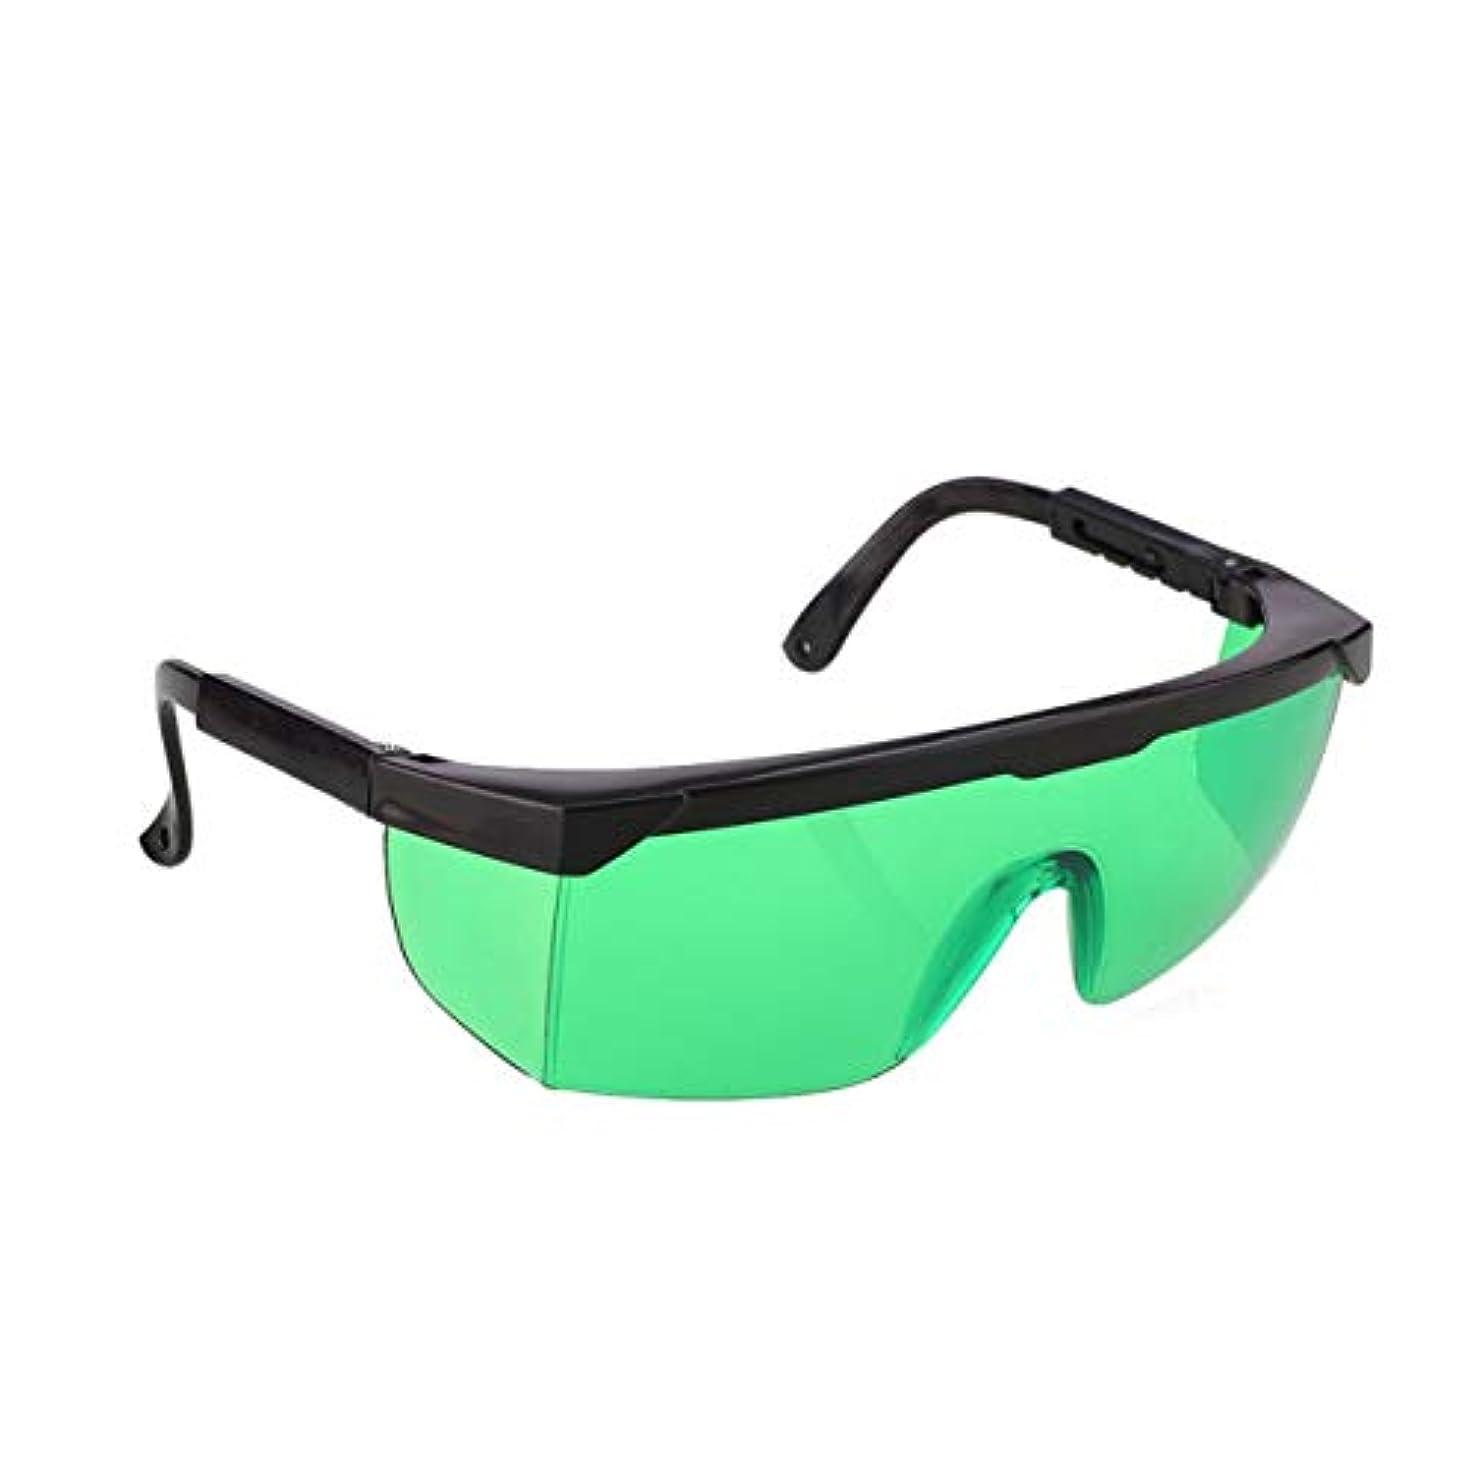 短命羊飼い歯科のSaikogoods 除毛クリーム ポイント脱毛保護メガネユニバーサルゴーグル眼鏡を凍結IPL/E-光OPTのためのレーザー保護メガネ 緑